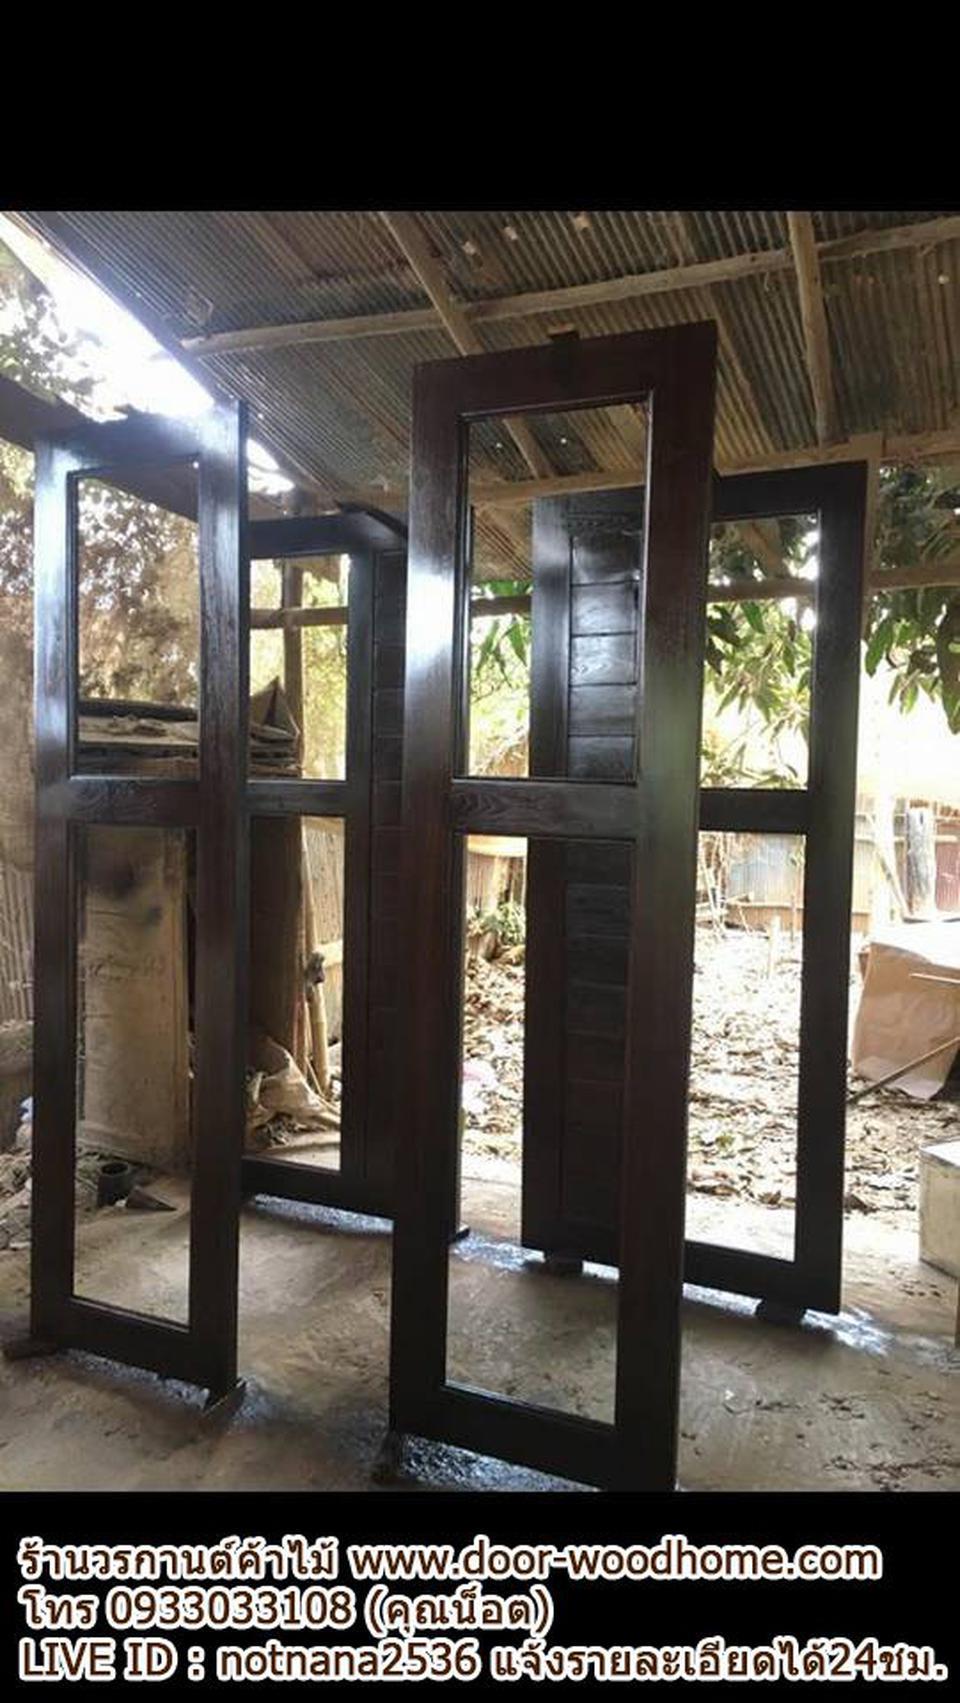 ร้านวรกานต์ค้าไม้ จำหน่าย ประตูไม้สักบานคู่ ประตูไม้สักบานเดี่ยว ประตูไม้สักกระจกนิรภัย ประตูโมเดิร์น รูปที่ 4